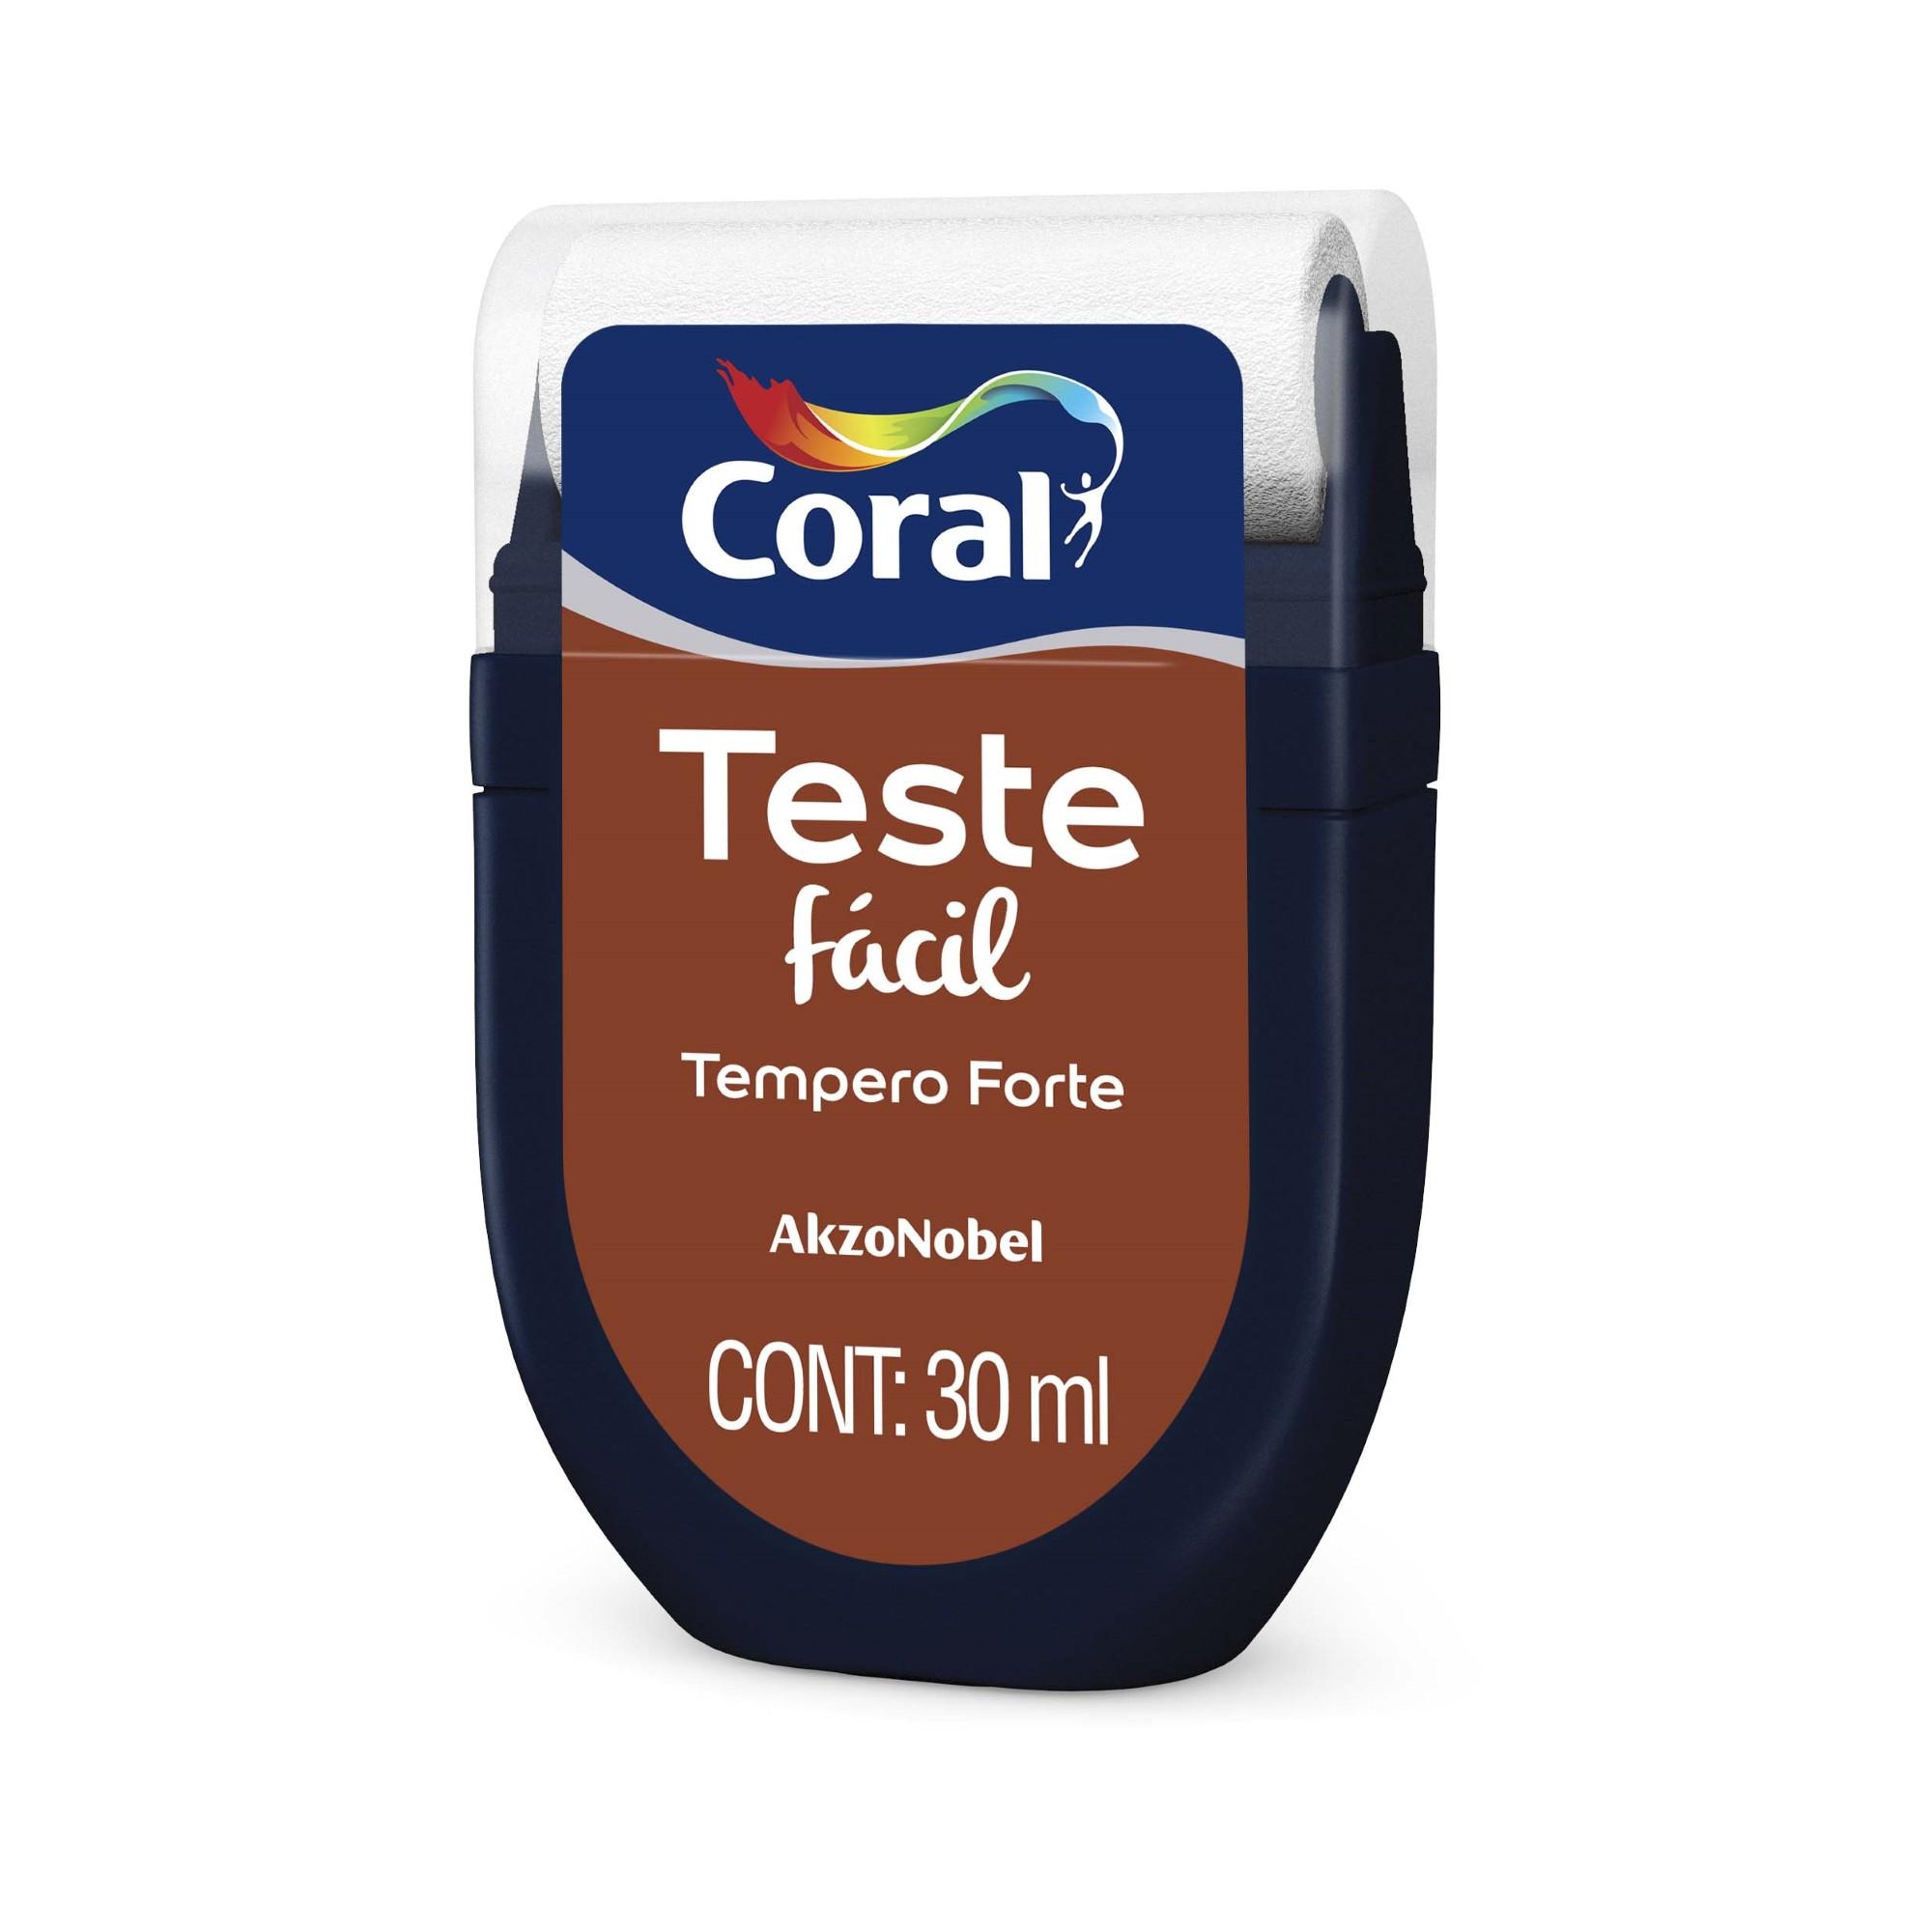 Teste Facil 30ml Tempero Forte - Coral